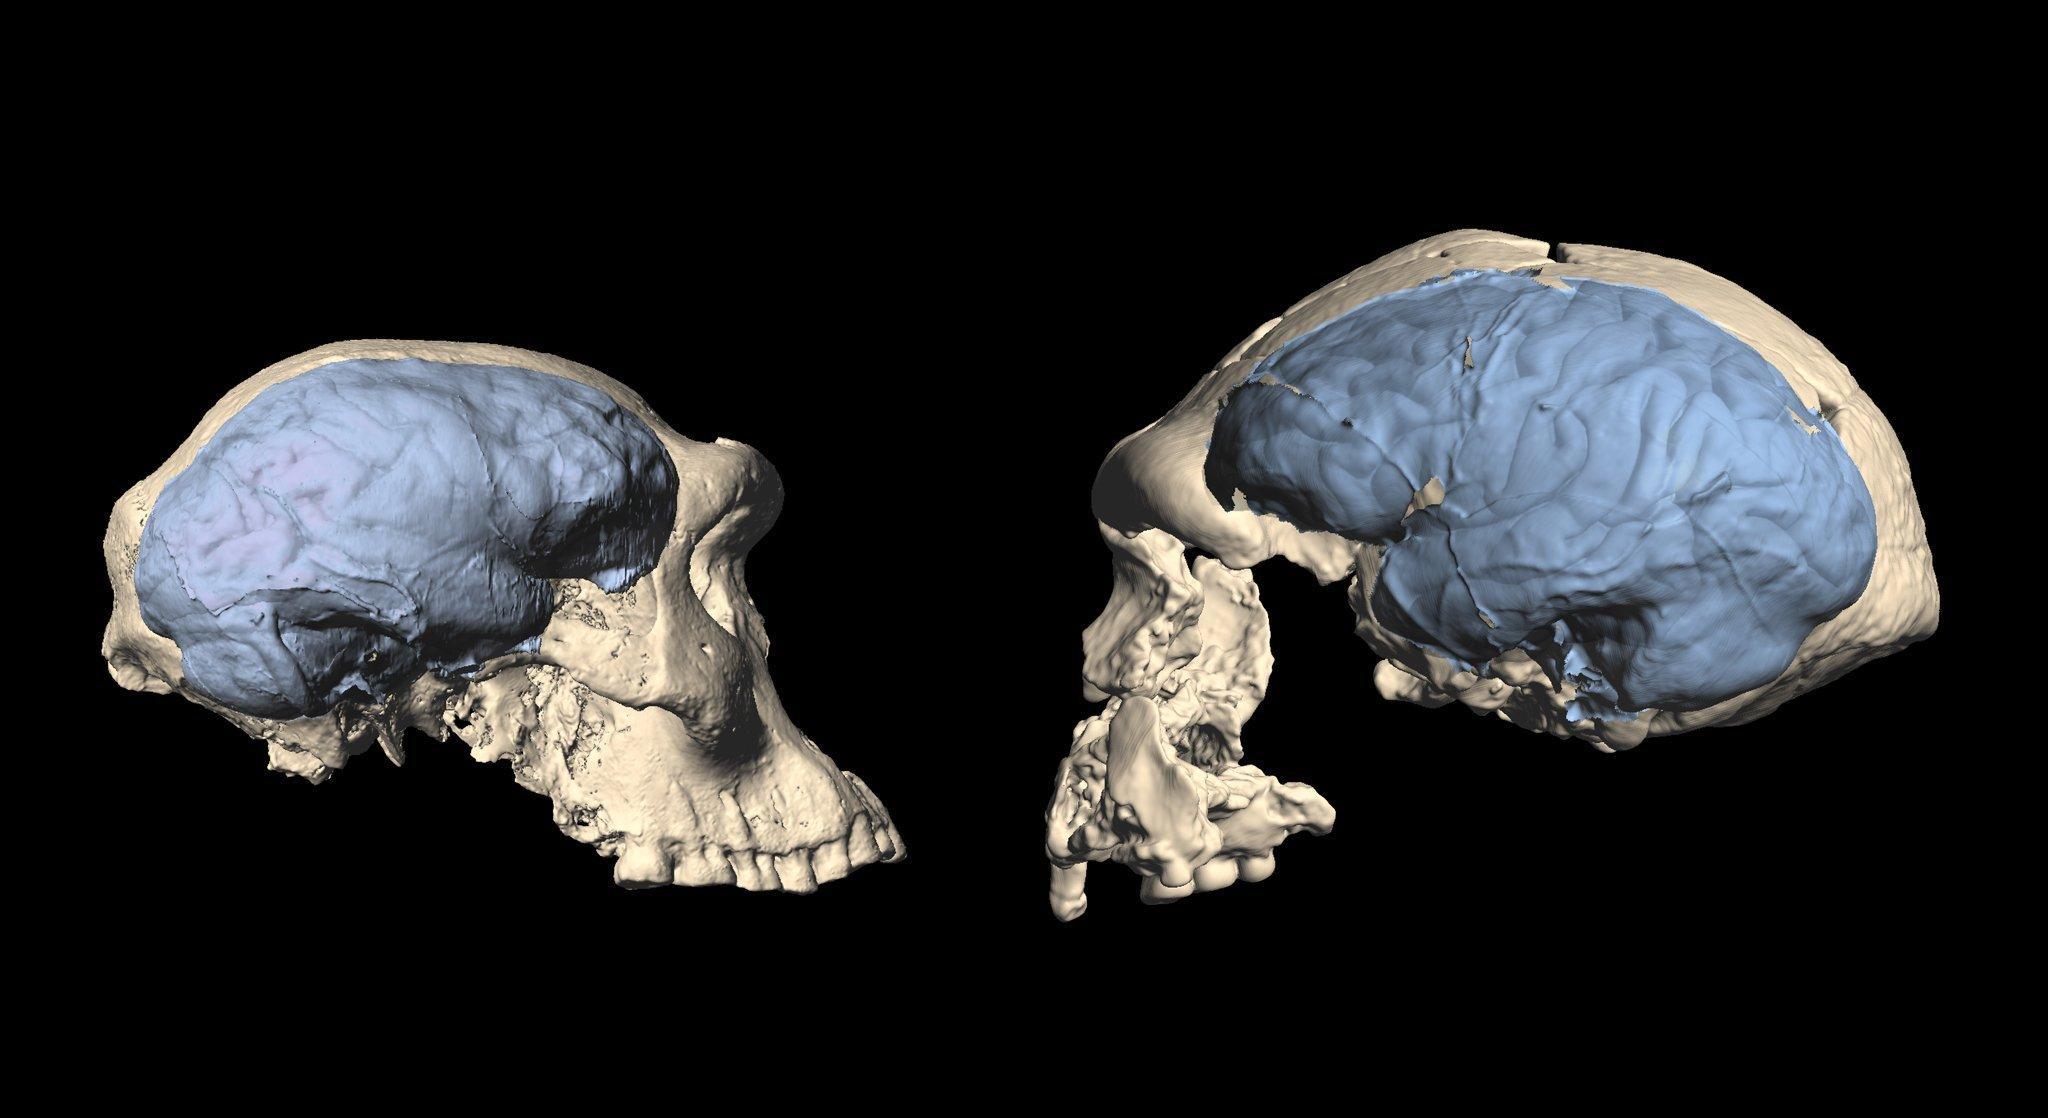 Das Foto zeigt zwei helle Urmenschen-Schädel, die sich gegenüberstehen und ansehen. Blau eingezeichnet sind die Hirnstrukturen. Der linke Schädel, aus Georgien stammend, wirkt primitiver, der rechte Schädel ist größer und wirkt fortschrittlicher. Vor allem das Stirnhirn ist dort stärker entwickelt und lässt auf höhere geistige Fähigkeiten schließen.